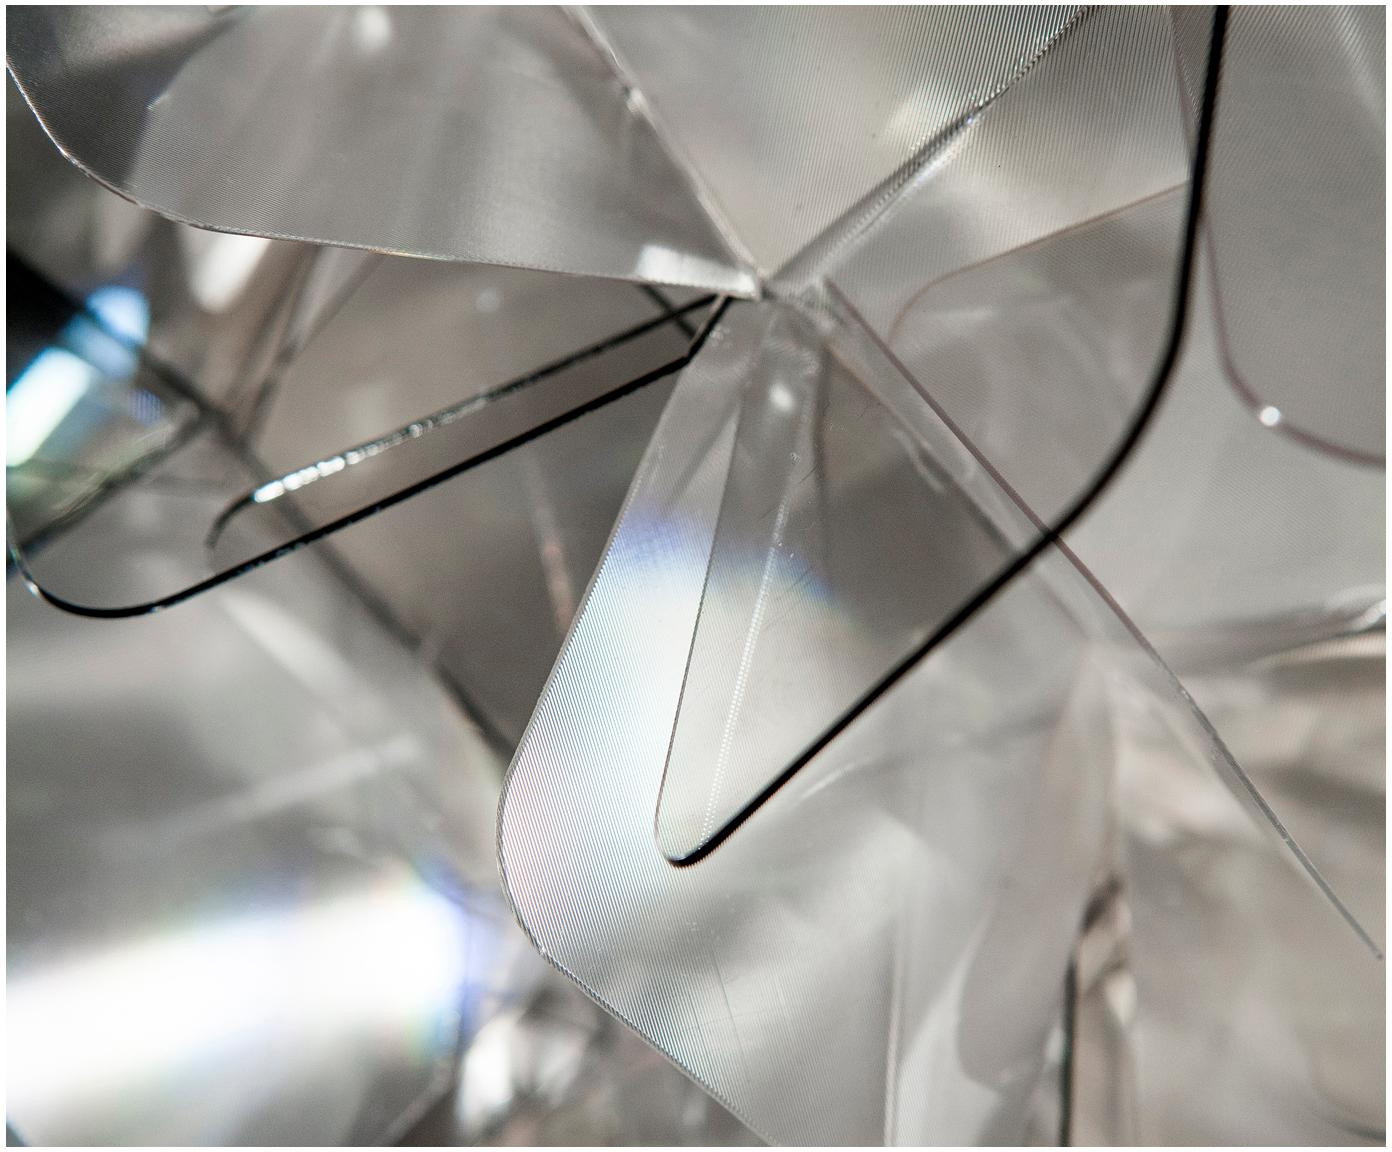 Ręcznie wykonany kinkiet/lampa sufitowa Clizia, Technopolymere Lentiflex®, odbijający światło i Cristalflex®, nietłukący się, elastyczny, Jasny szary, transparentny, Ø 53 x W 20 cm